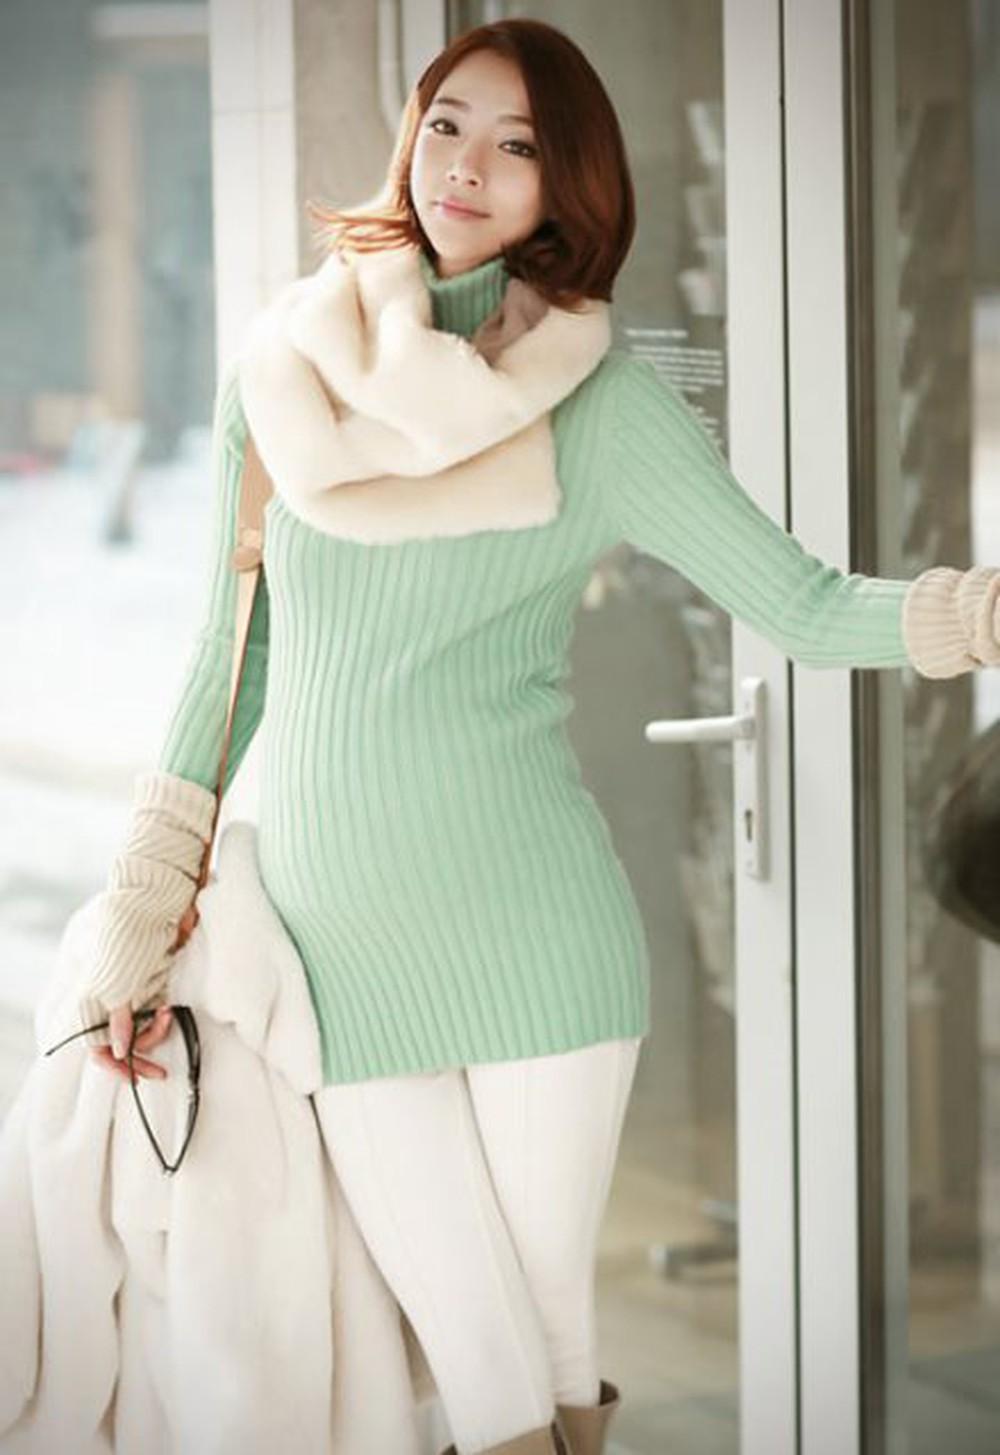 Gợi ý cách phối đồ giúp mẹ bầu tự tin trở thành bà bầu sành điệu mùa đông   - Ảnh 11